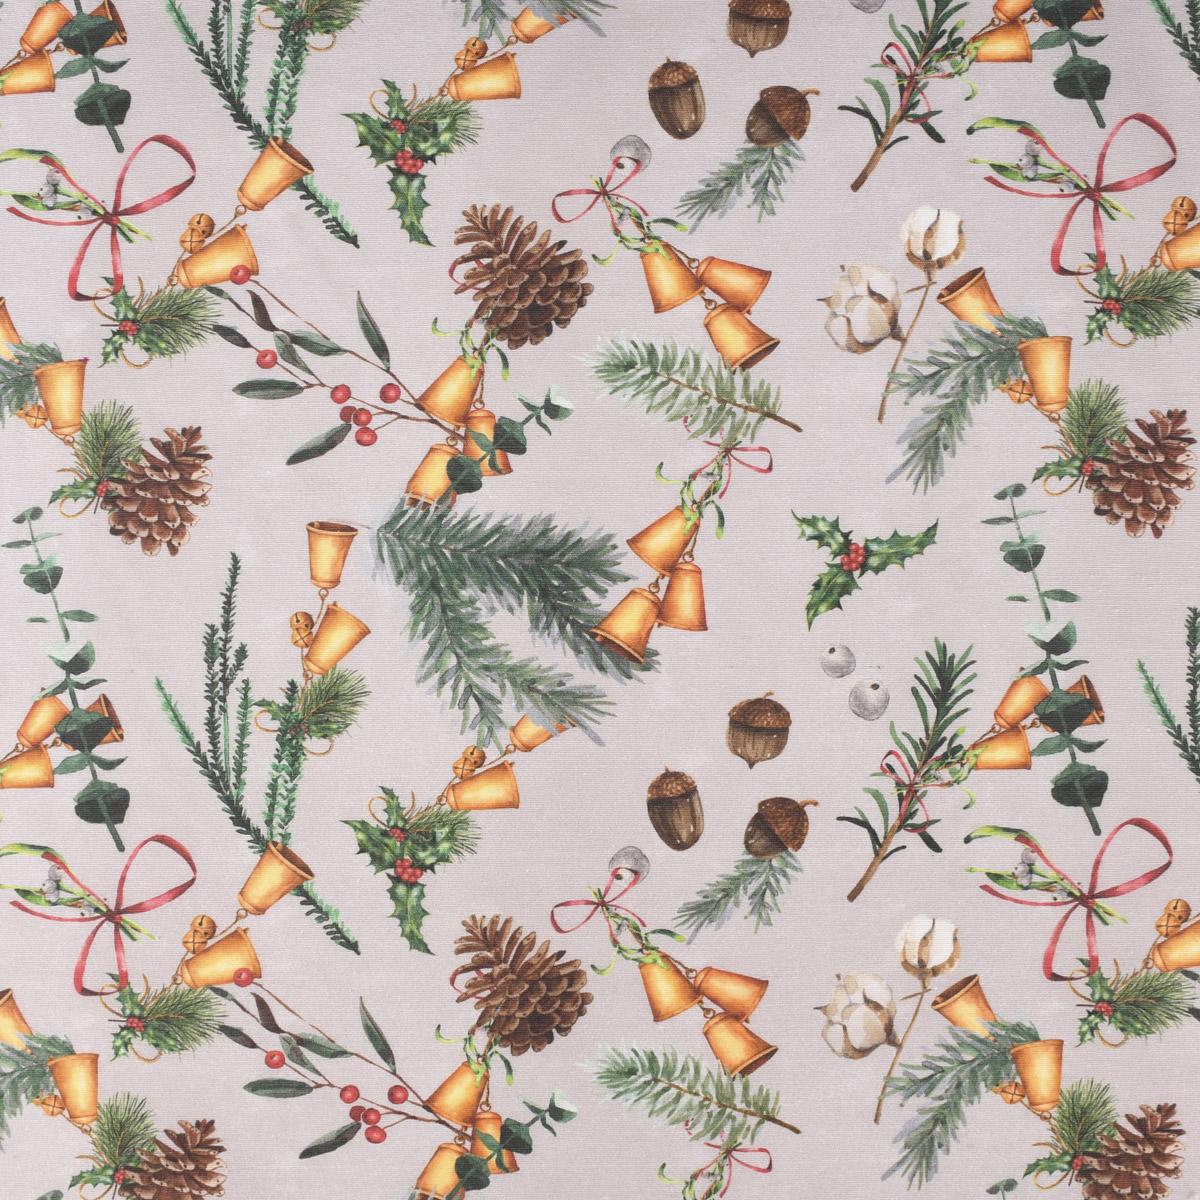 Dekostoff Vanoce Glöckchen Eicheln Misteln Zweige natur grün 1,40m Breite